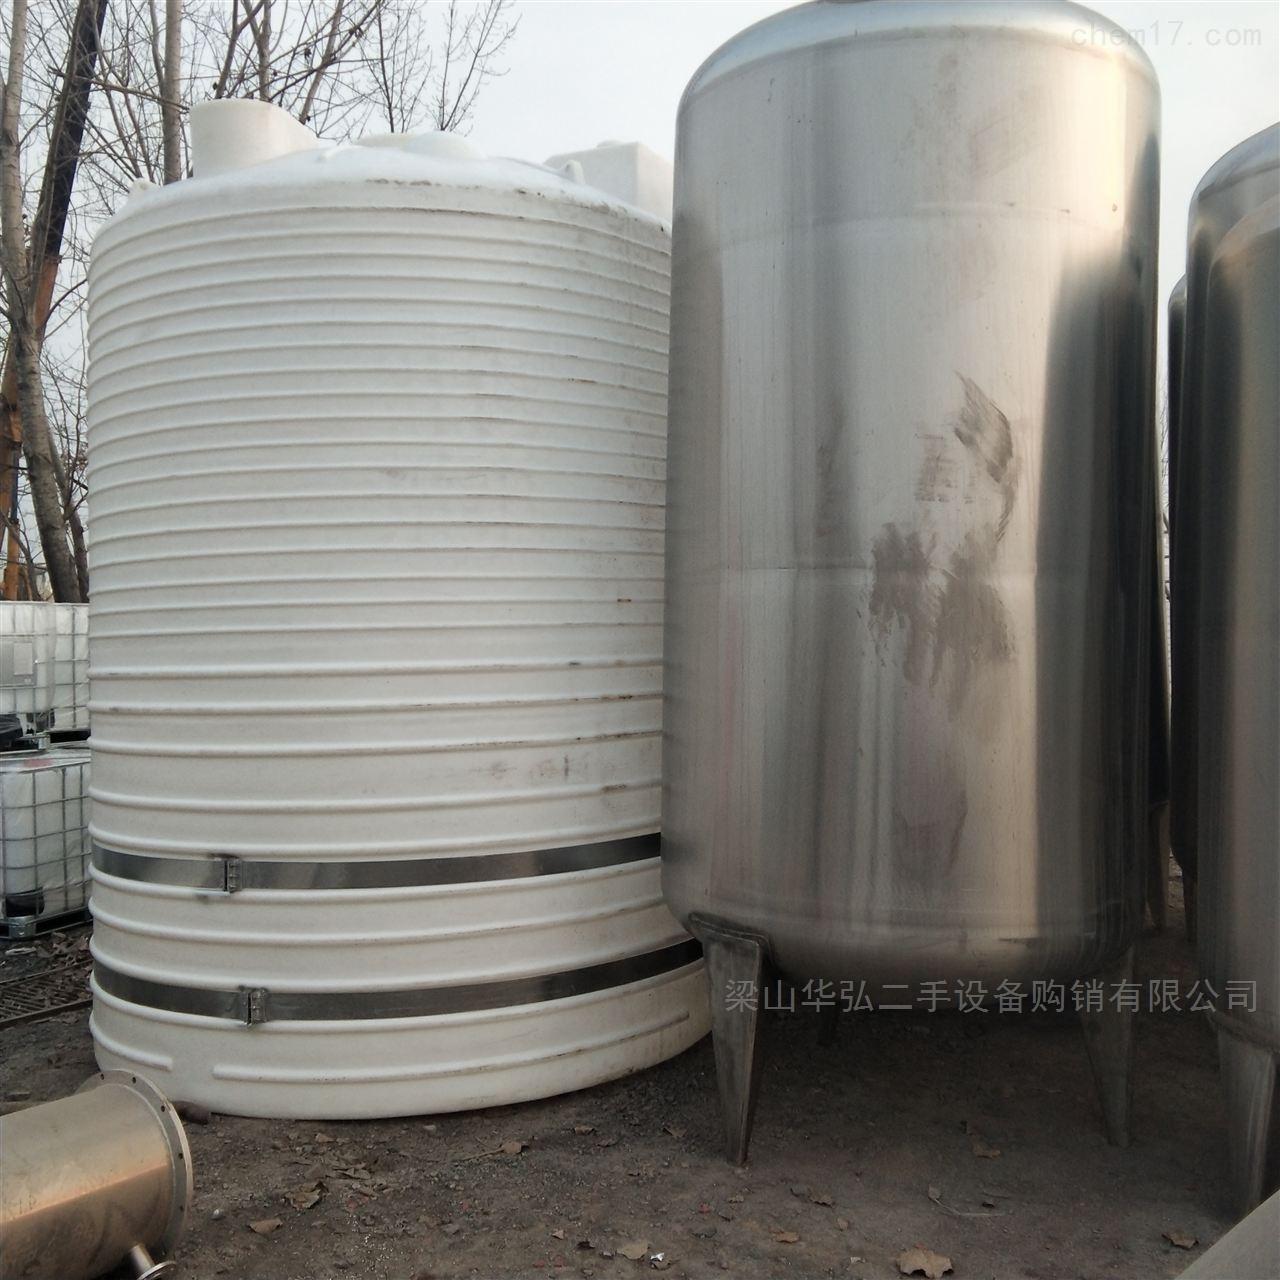 常年回收不锈钢储存罐